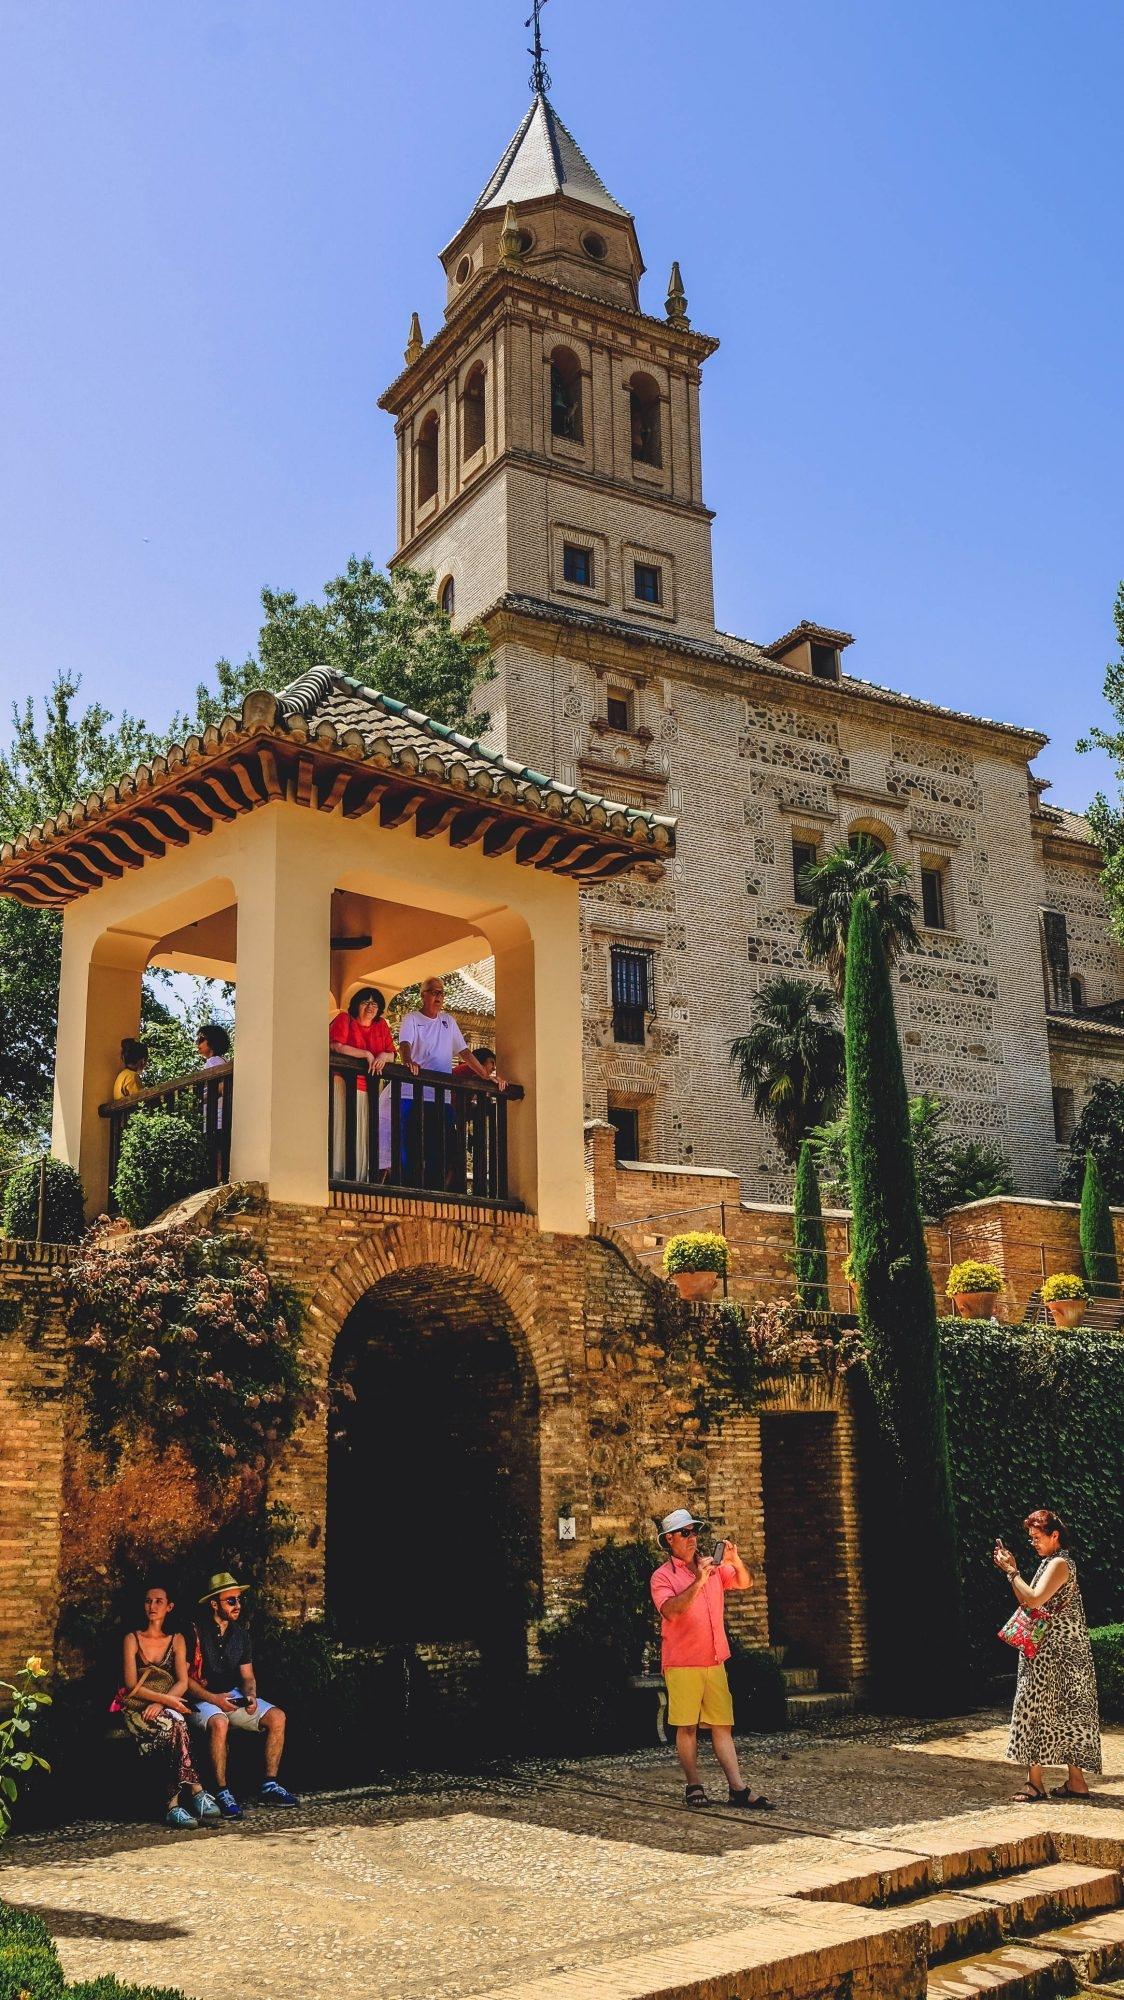 Touristes dans les jardins de l'Alhambra